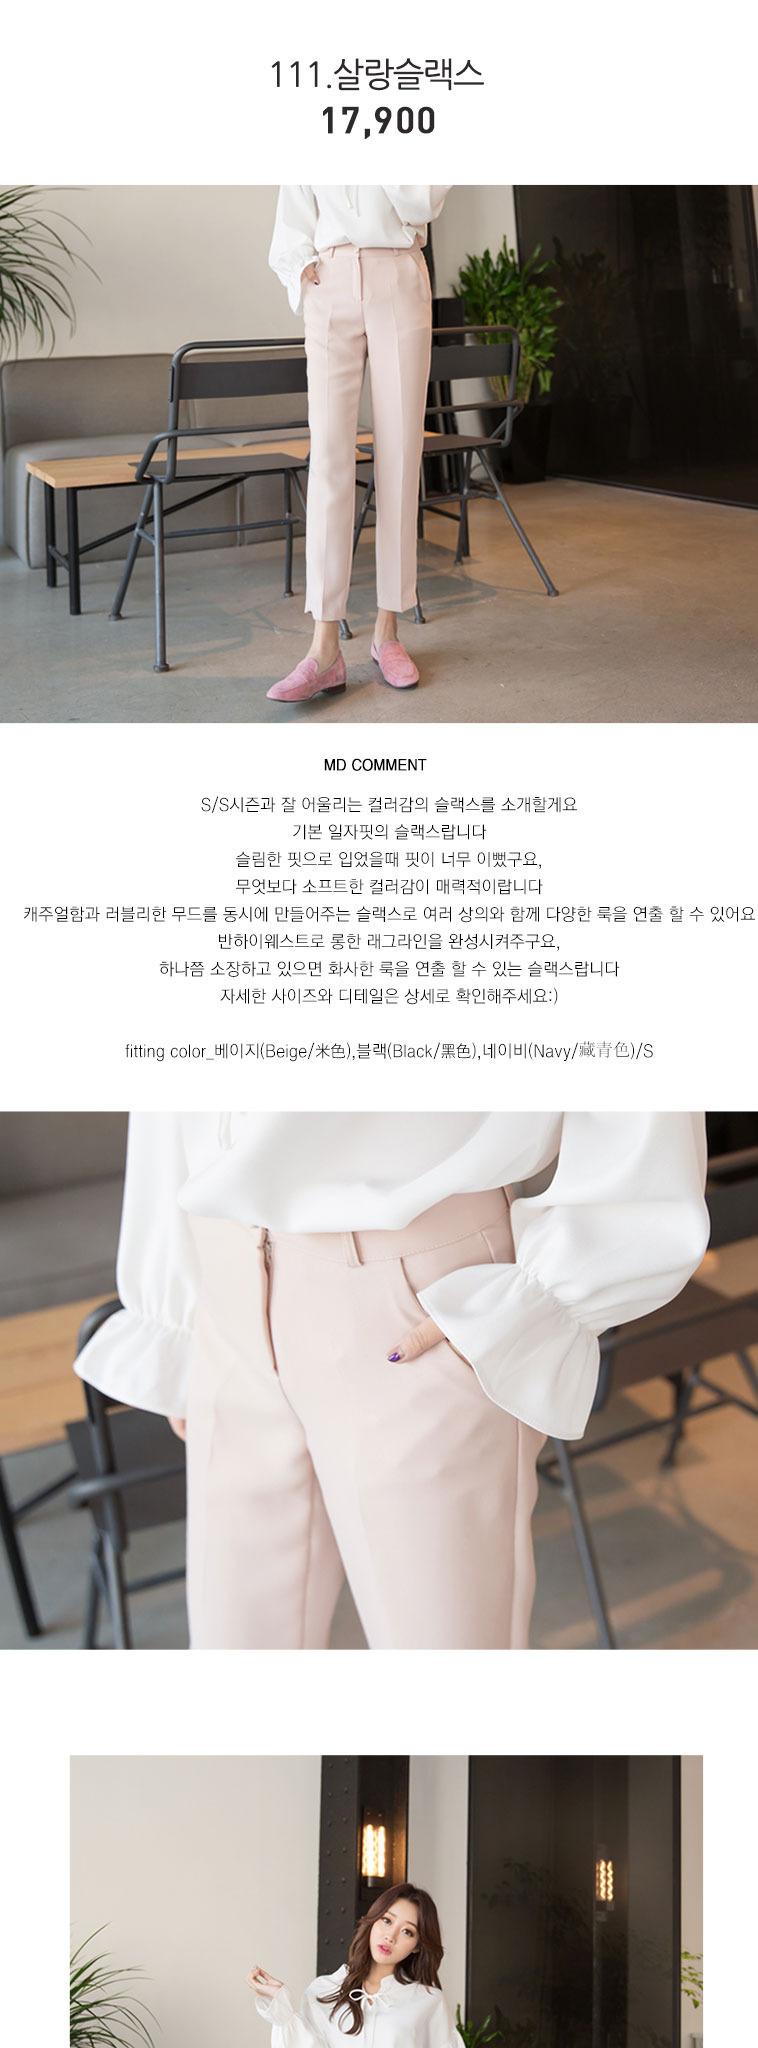 [무료배송] 라라엘 봄신상 블라우스 - 상세정보